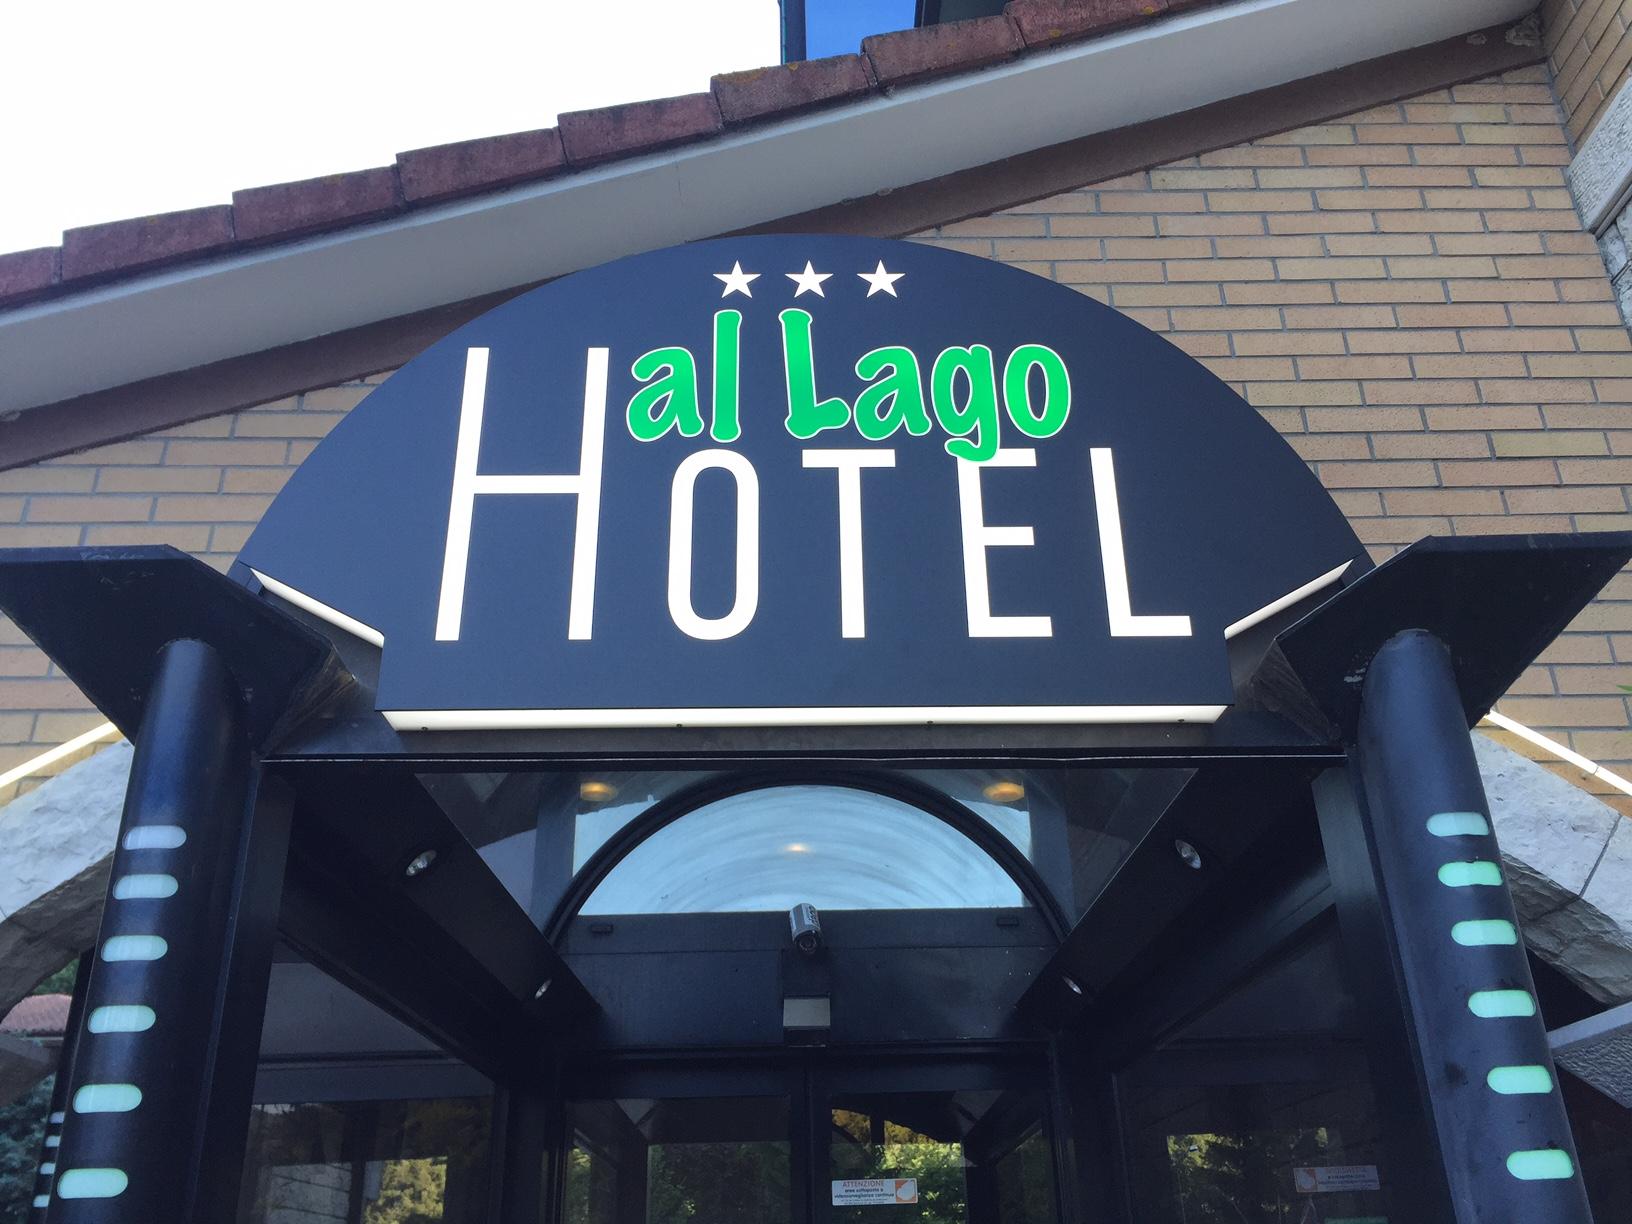 Publi in Insegna Luminosa hotel al lago